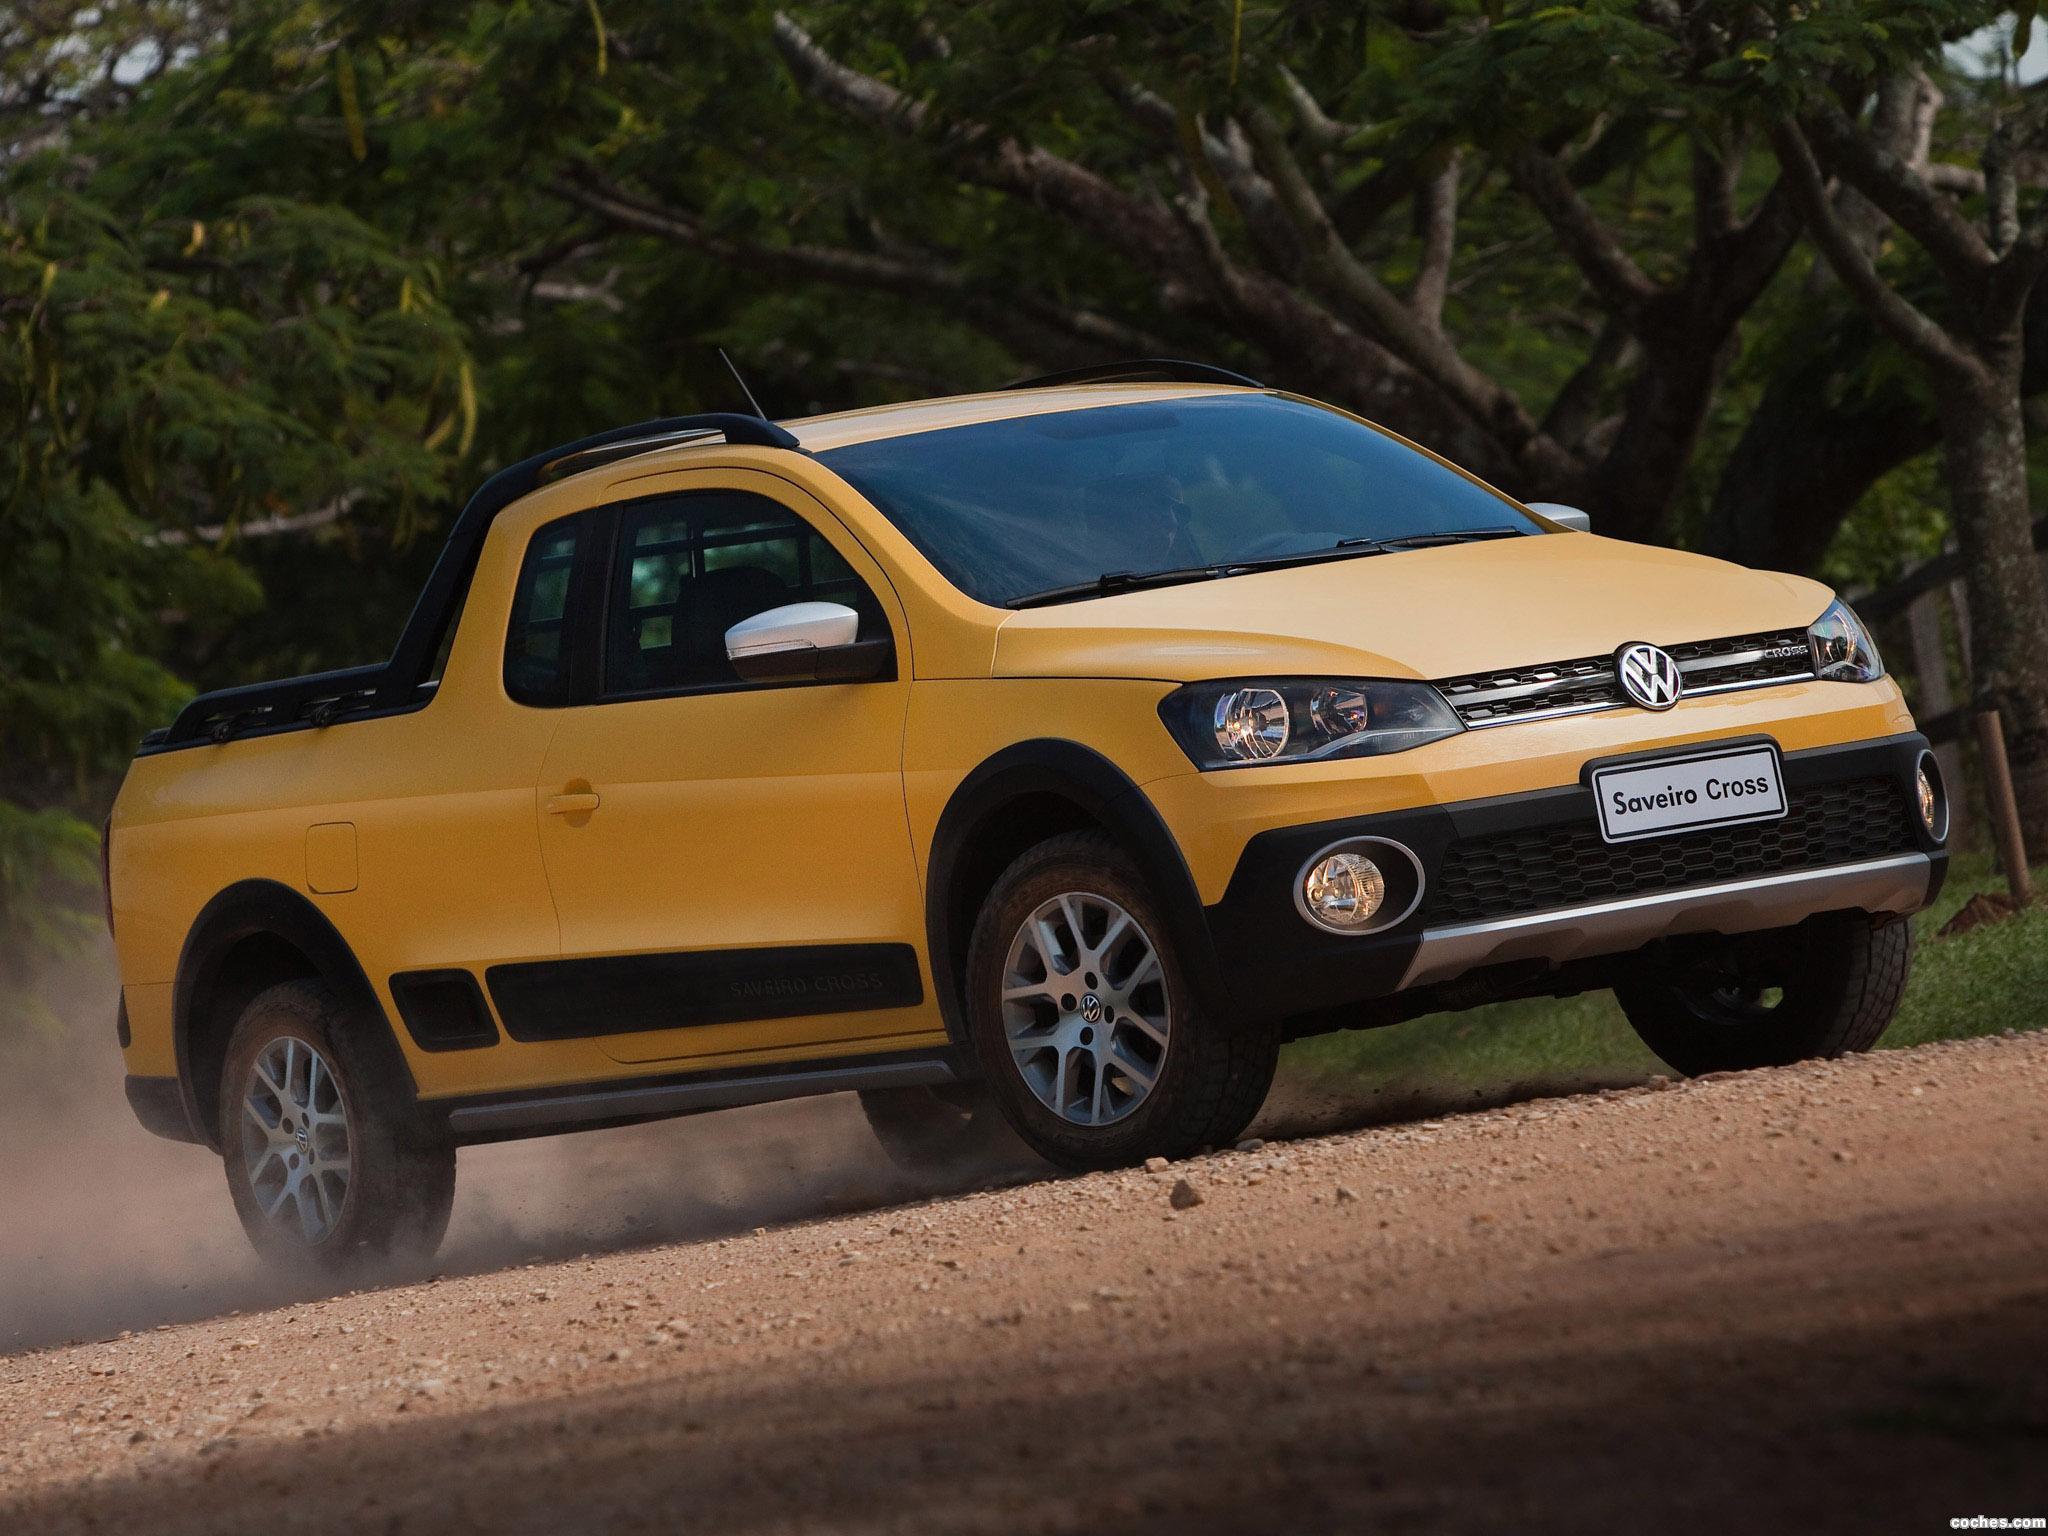 Foto 11 de Volkswagen Saveiro Cross 2013